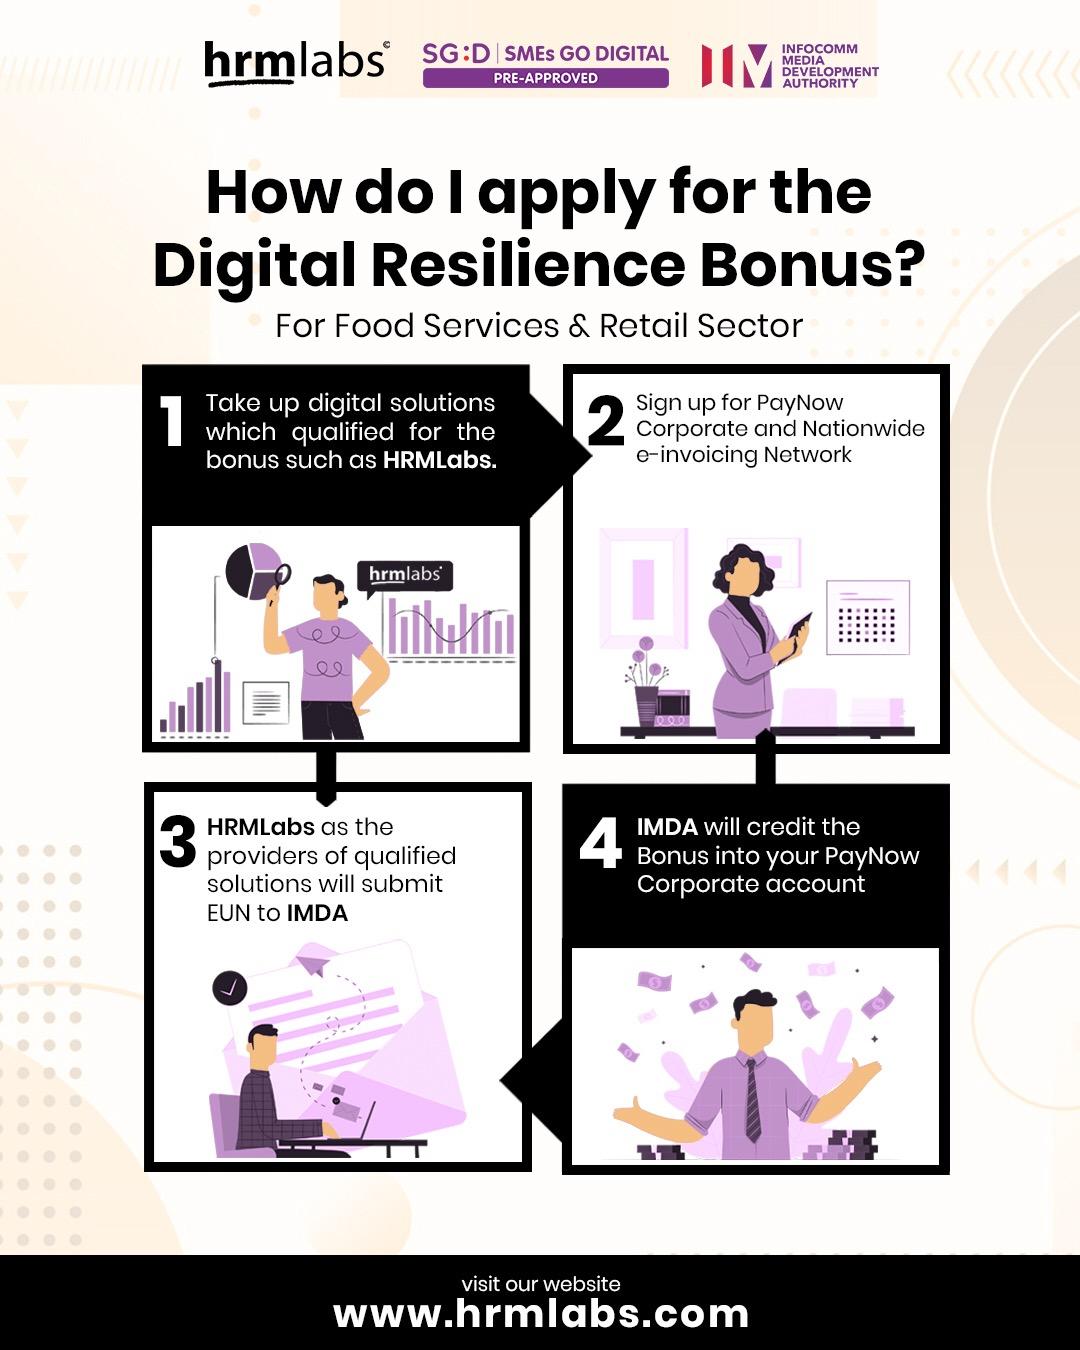 How To Apply Digital Resilience Bonus - HRMLabs